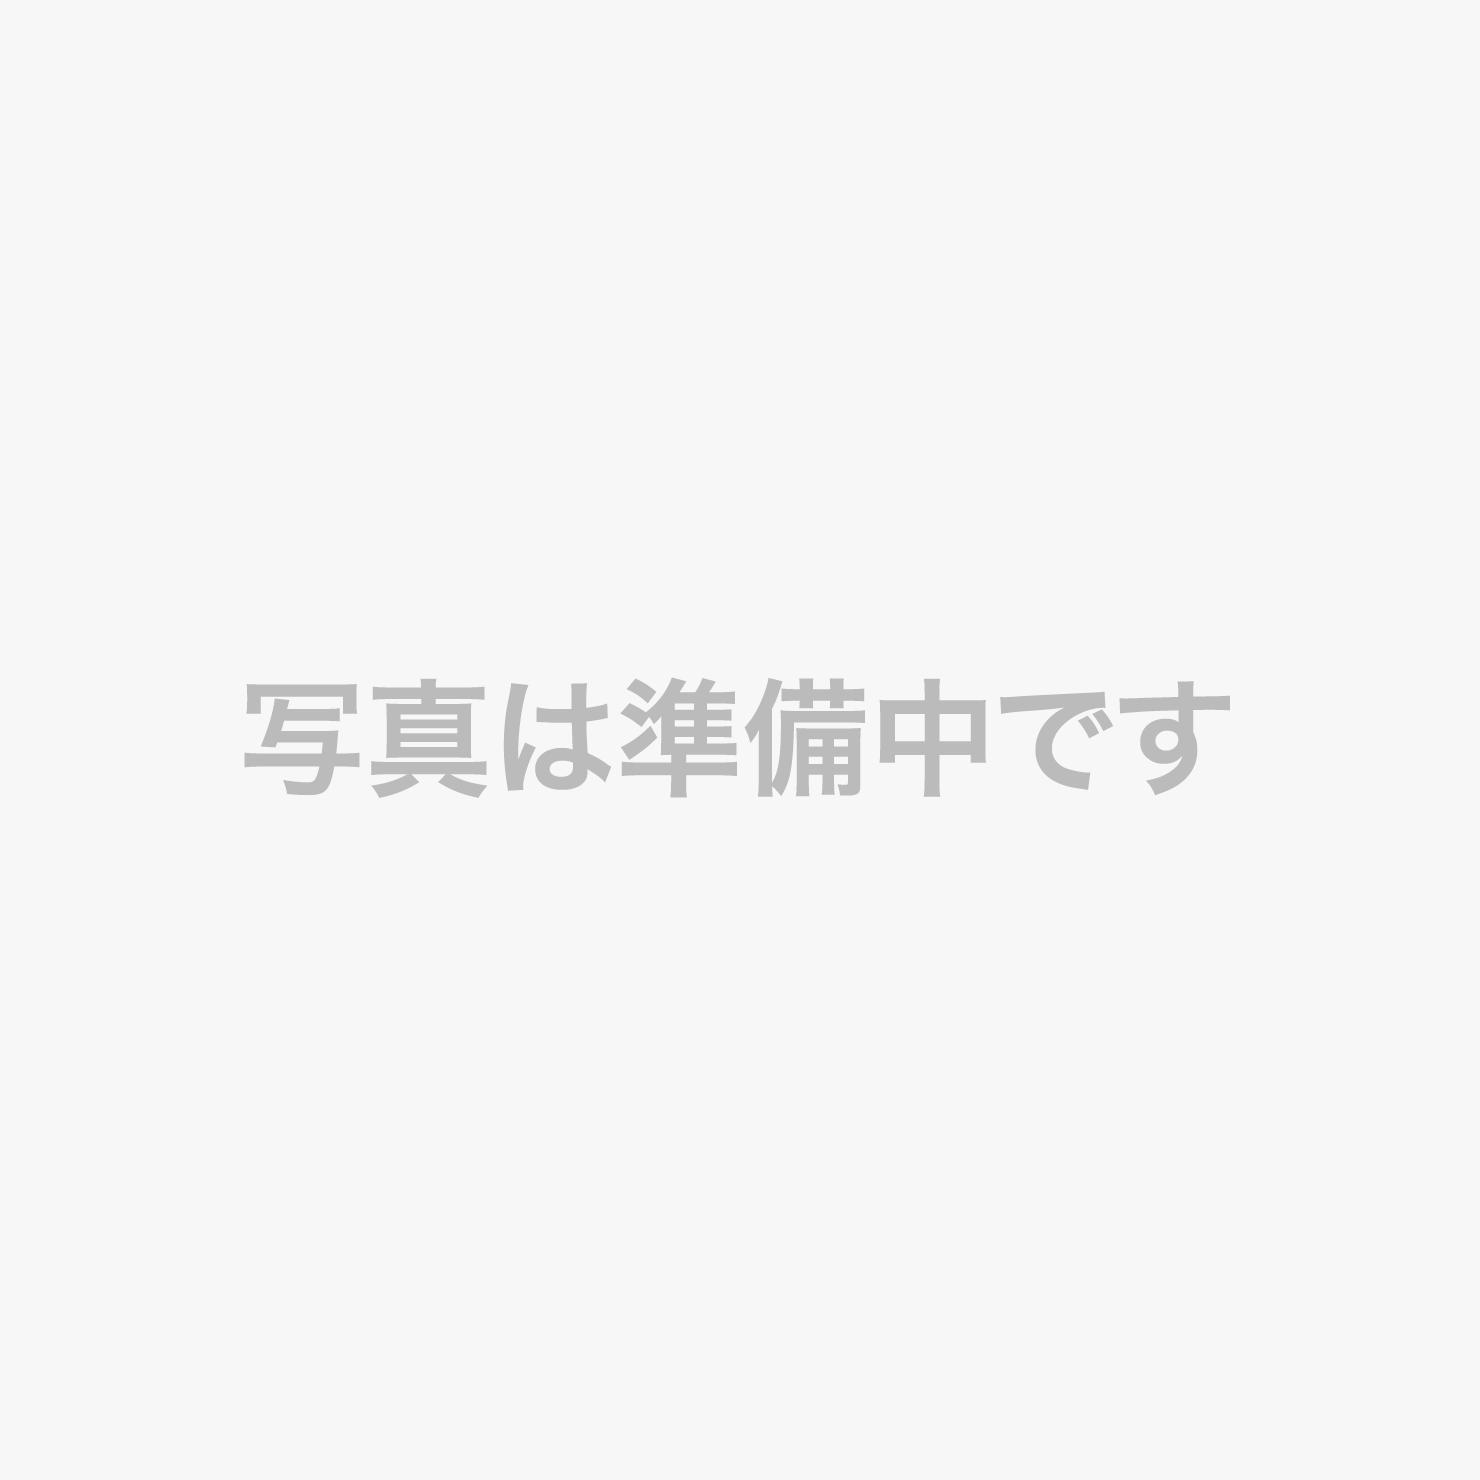 【メイン 黒潮薩摩ぶいやブイヤベース】